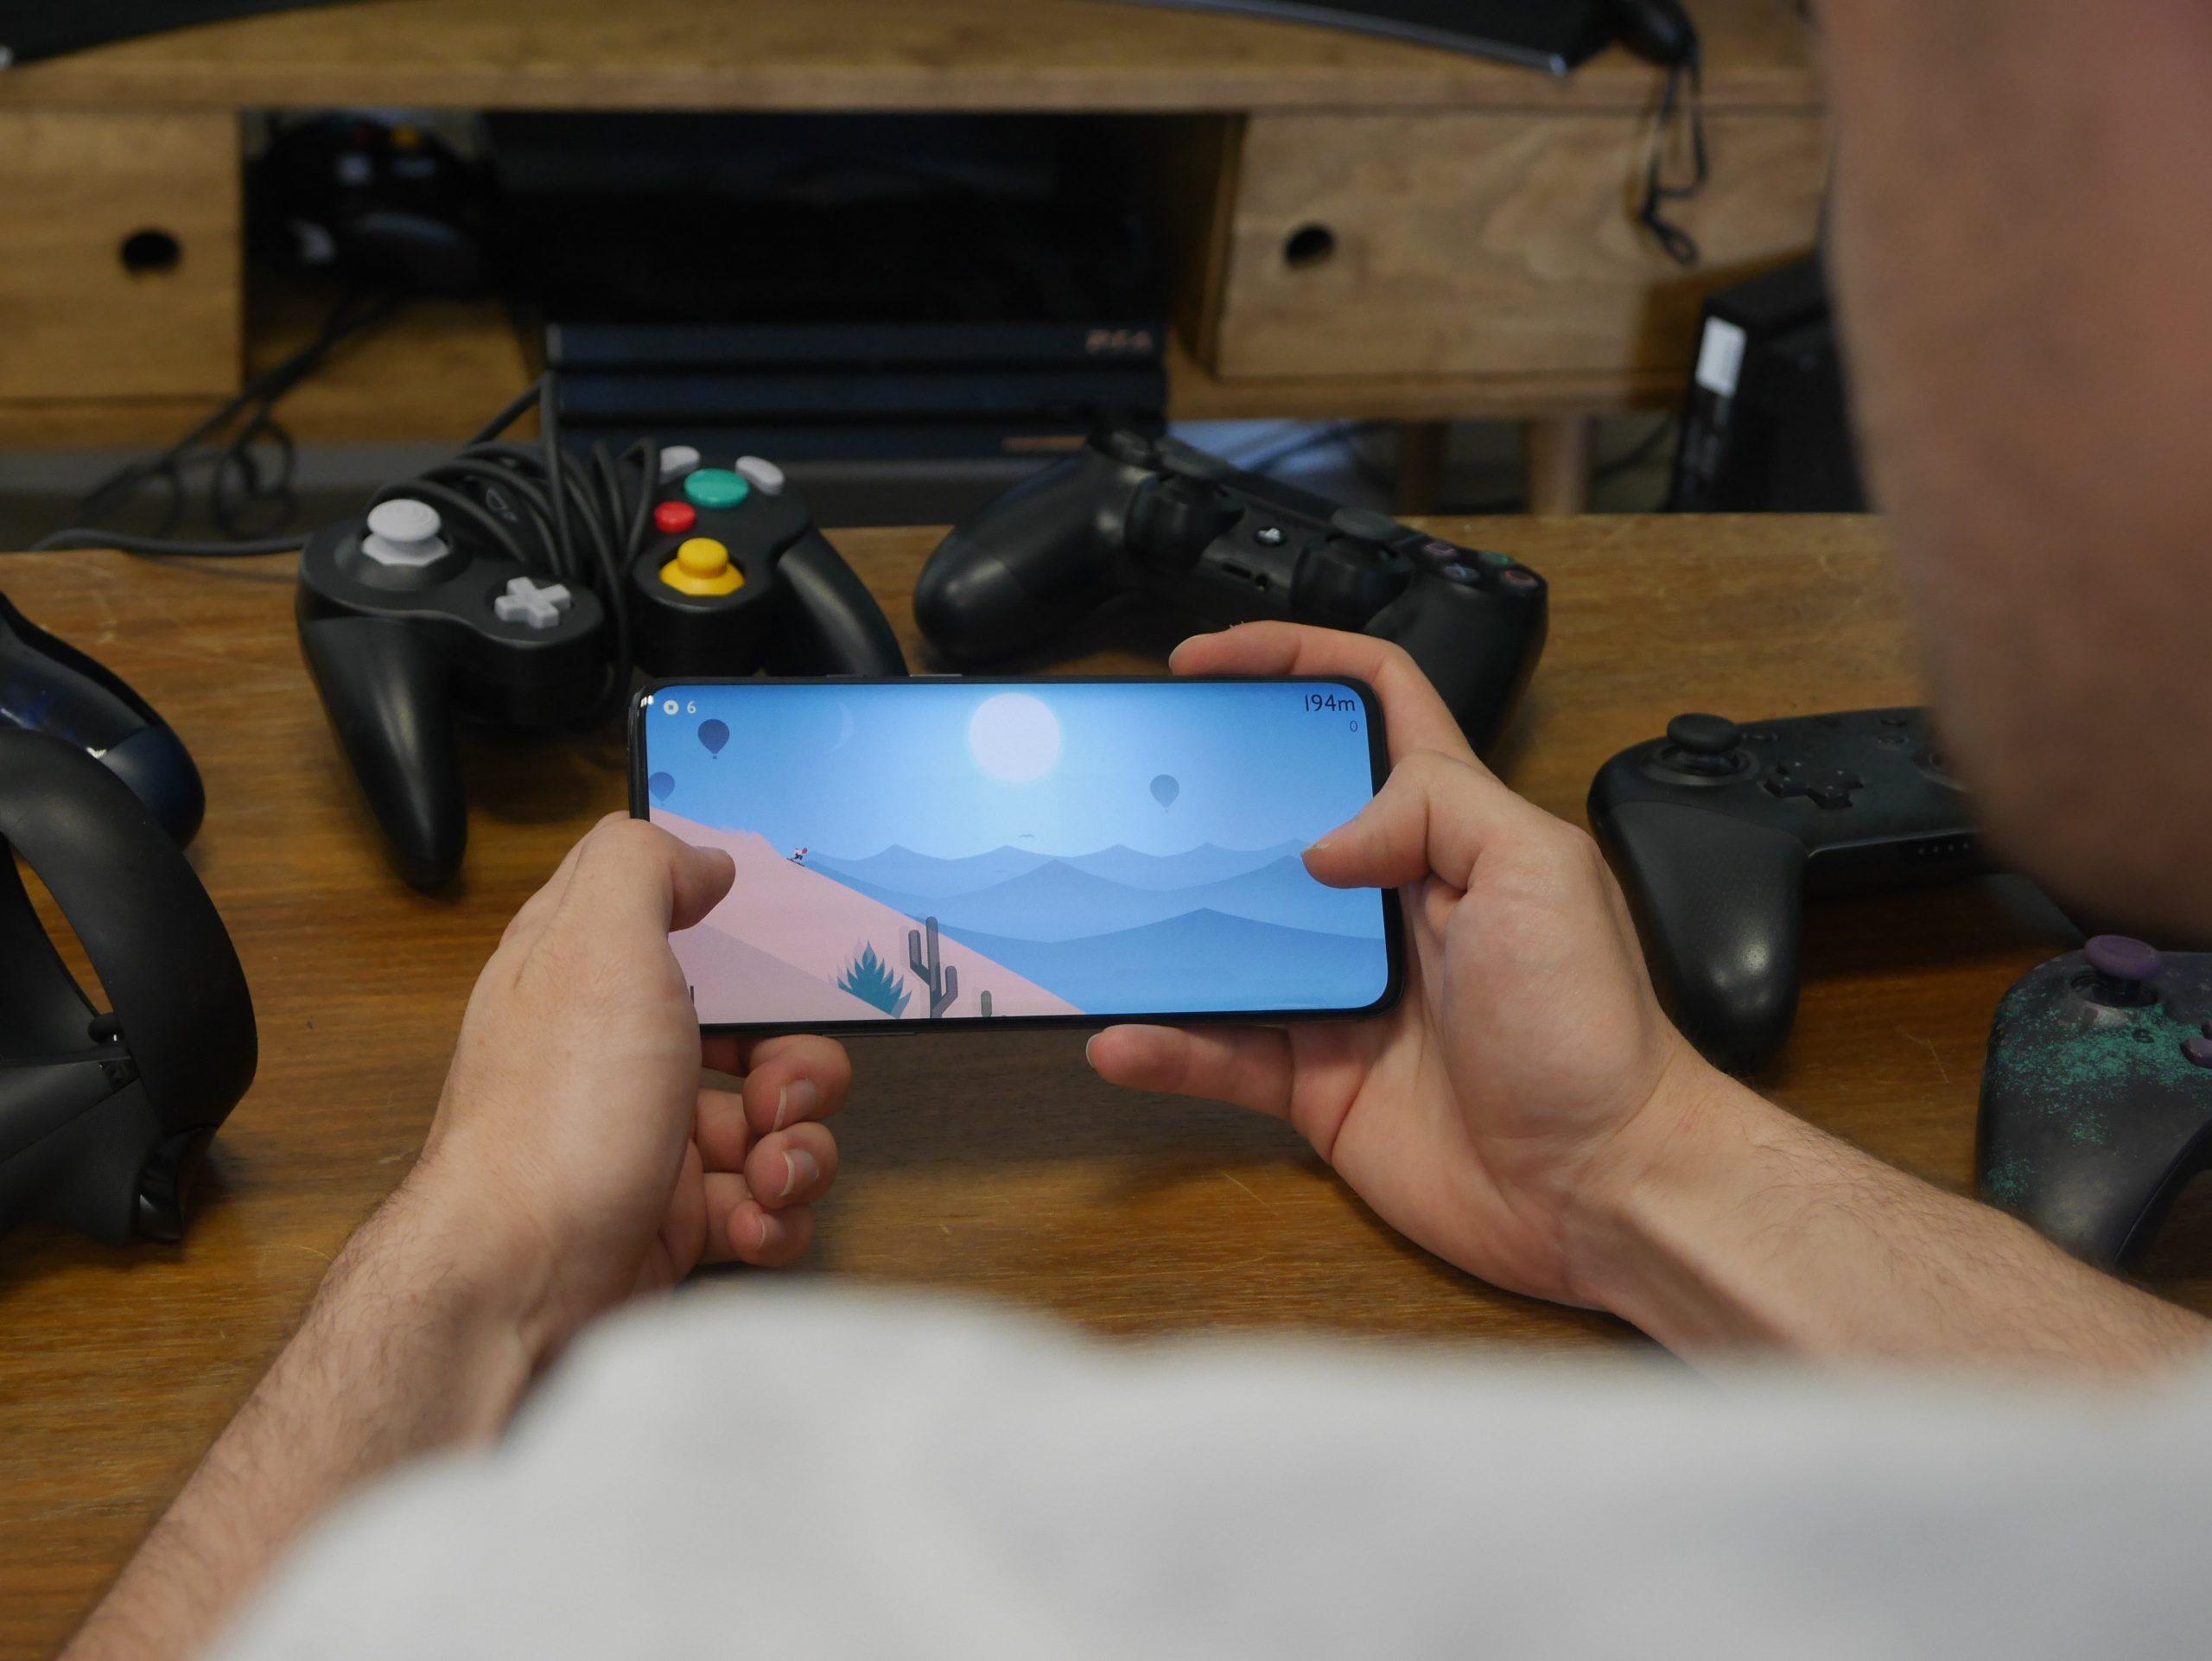 Les Meilleurs Jeux Gratuits Sur Android En 2020 intérieur Jeux De Dessin Pixel Art Gratuit